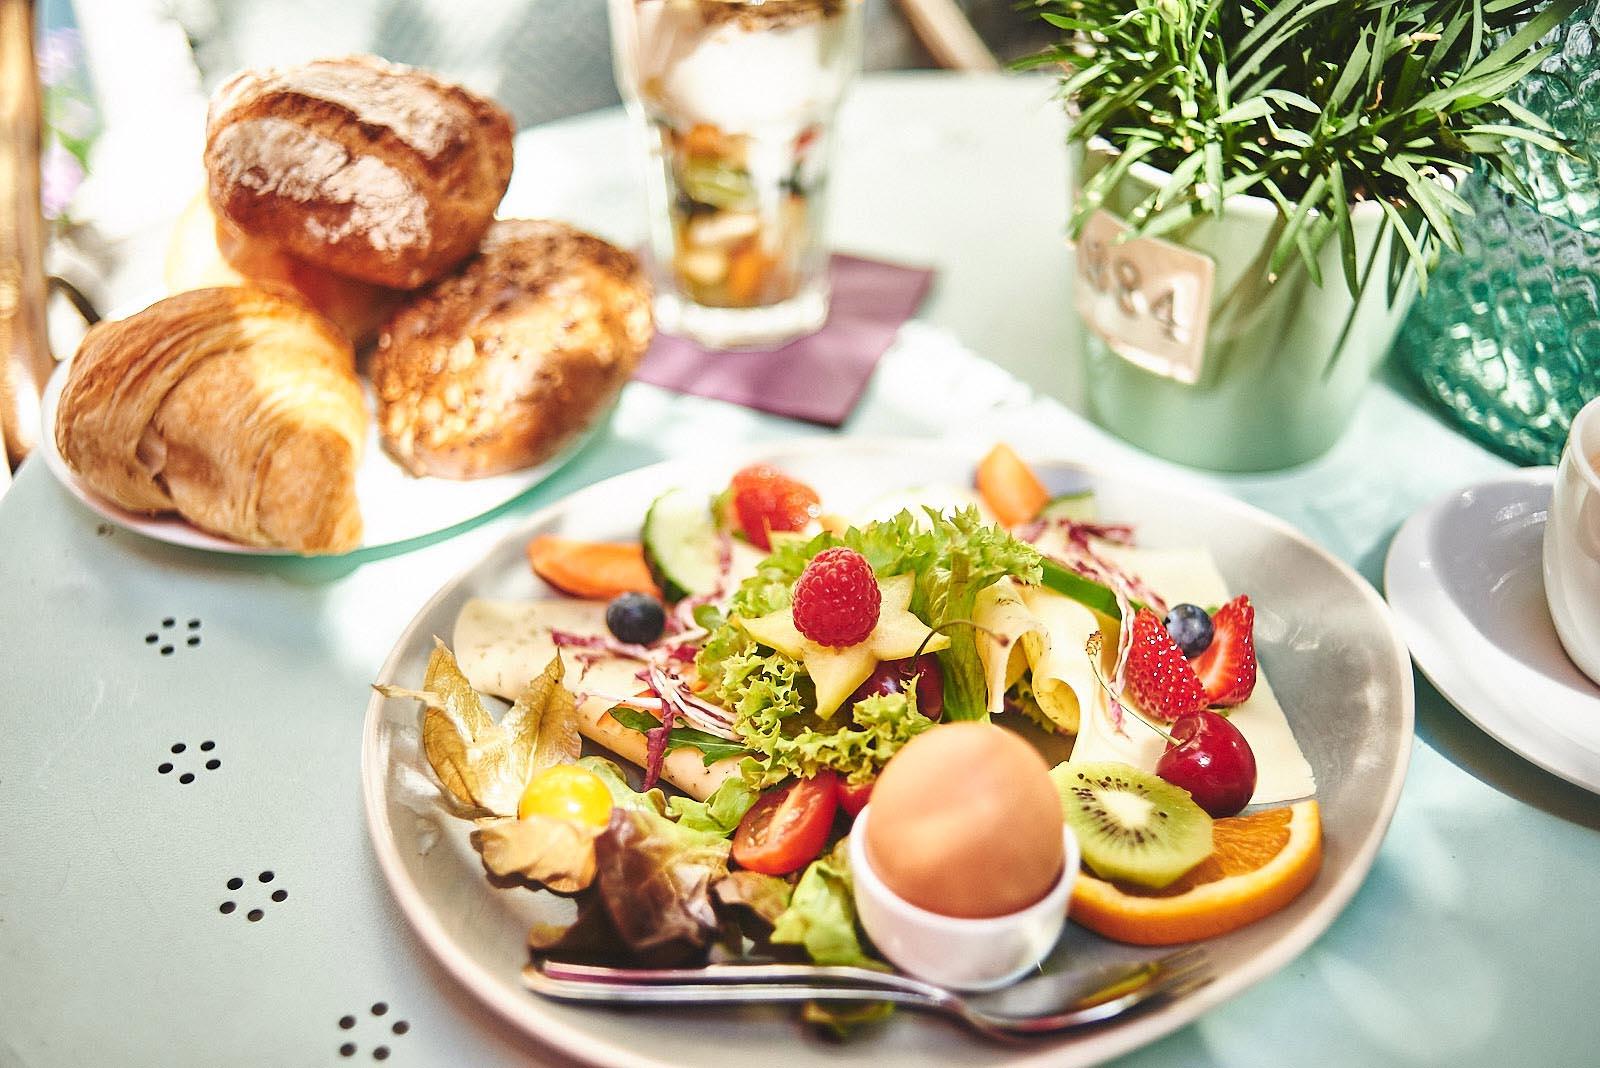 Frisches und liebevoll dekoriertes Frühstück im Cafe Pfefferminzje in Koblenz - Foodfotografie von Anna Schneider neon fotografie